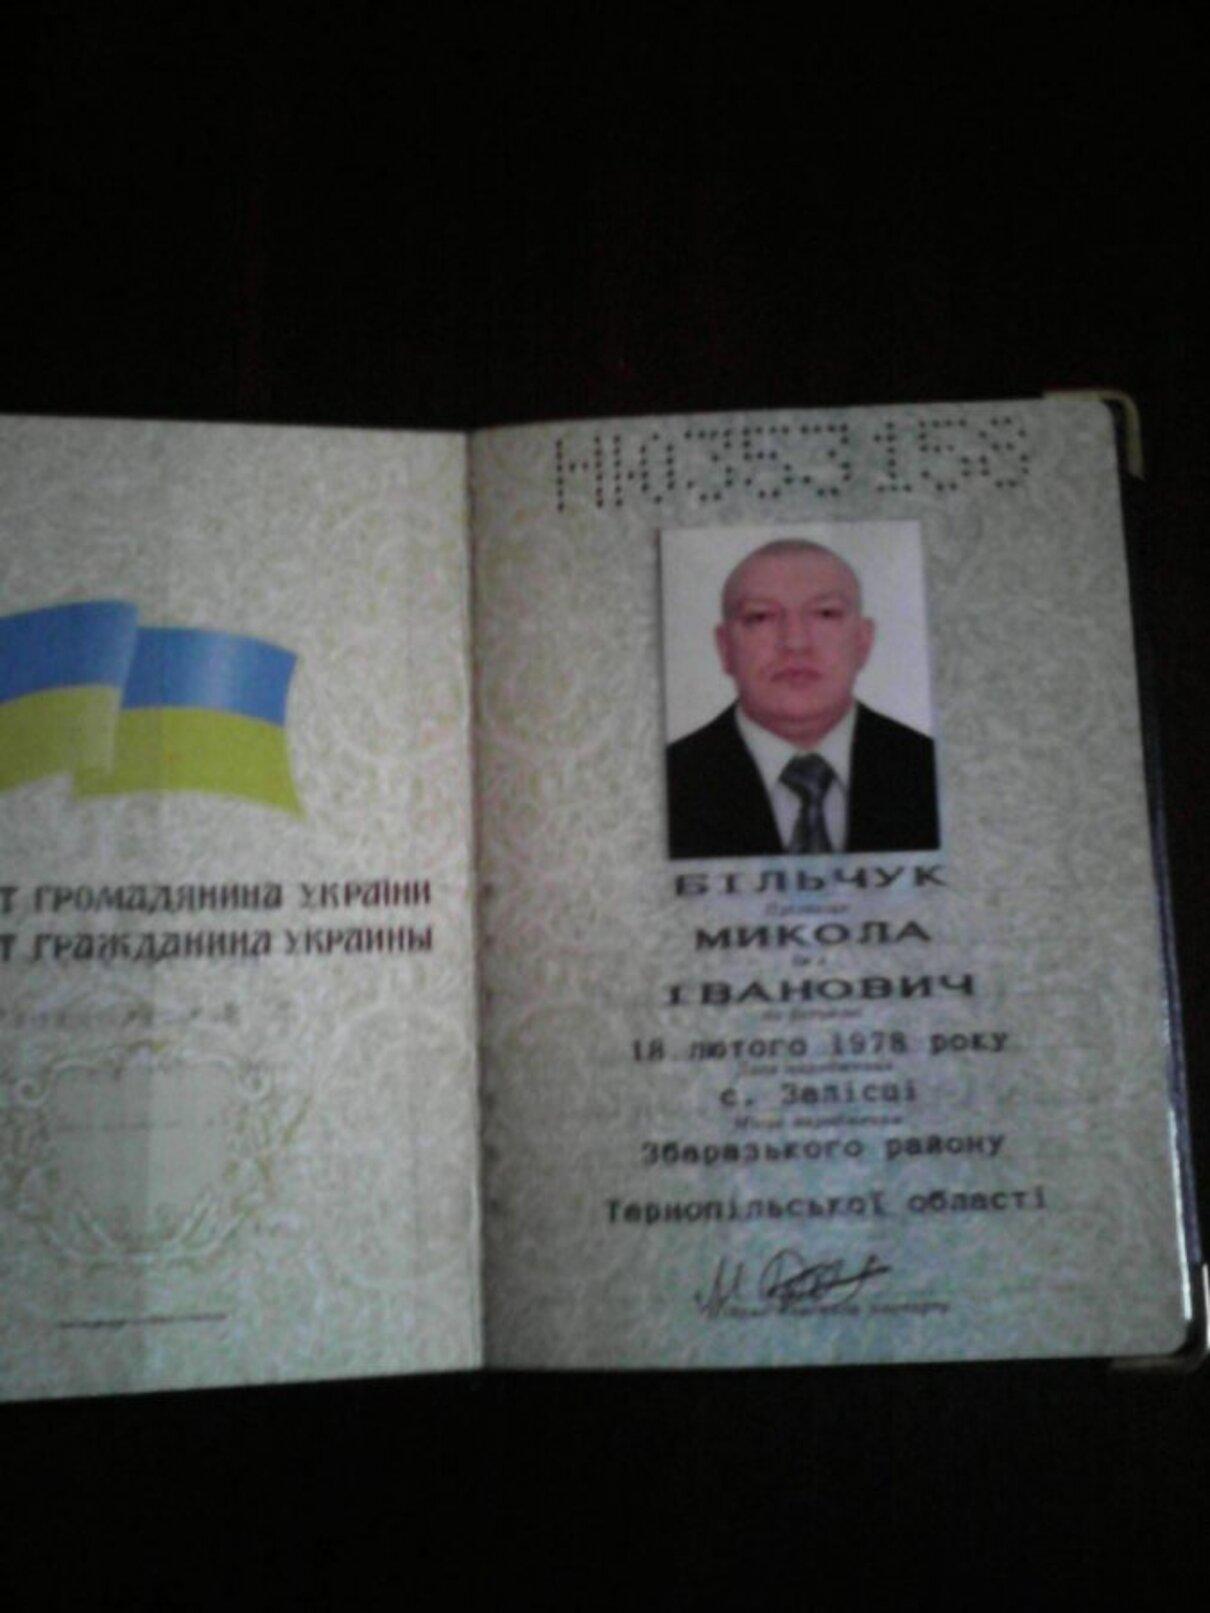 Жалоба-отзыв: Бильчук Николай Иванович - Мошенник и мелкий кидала!